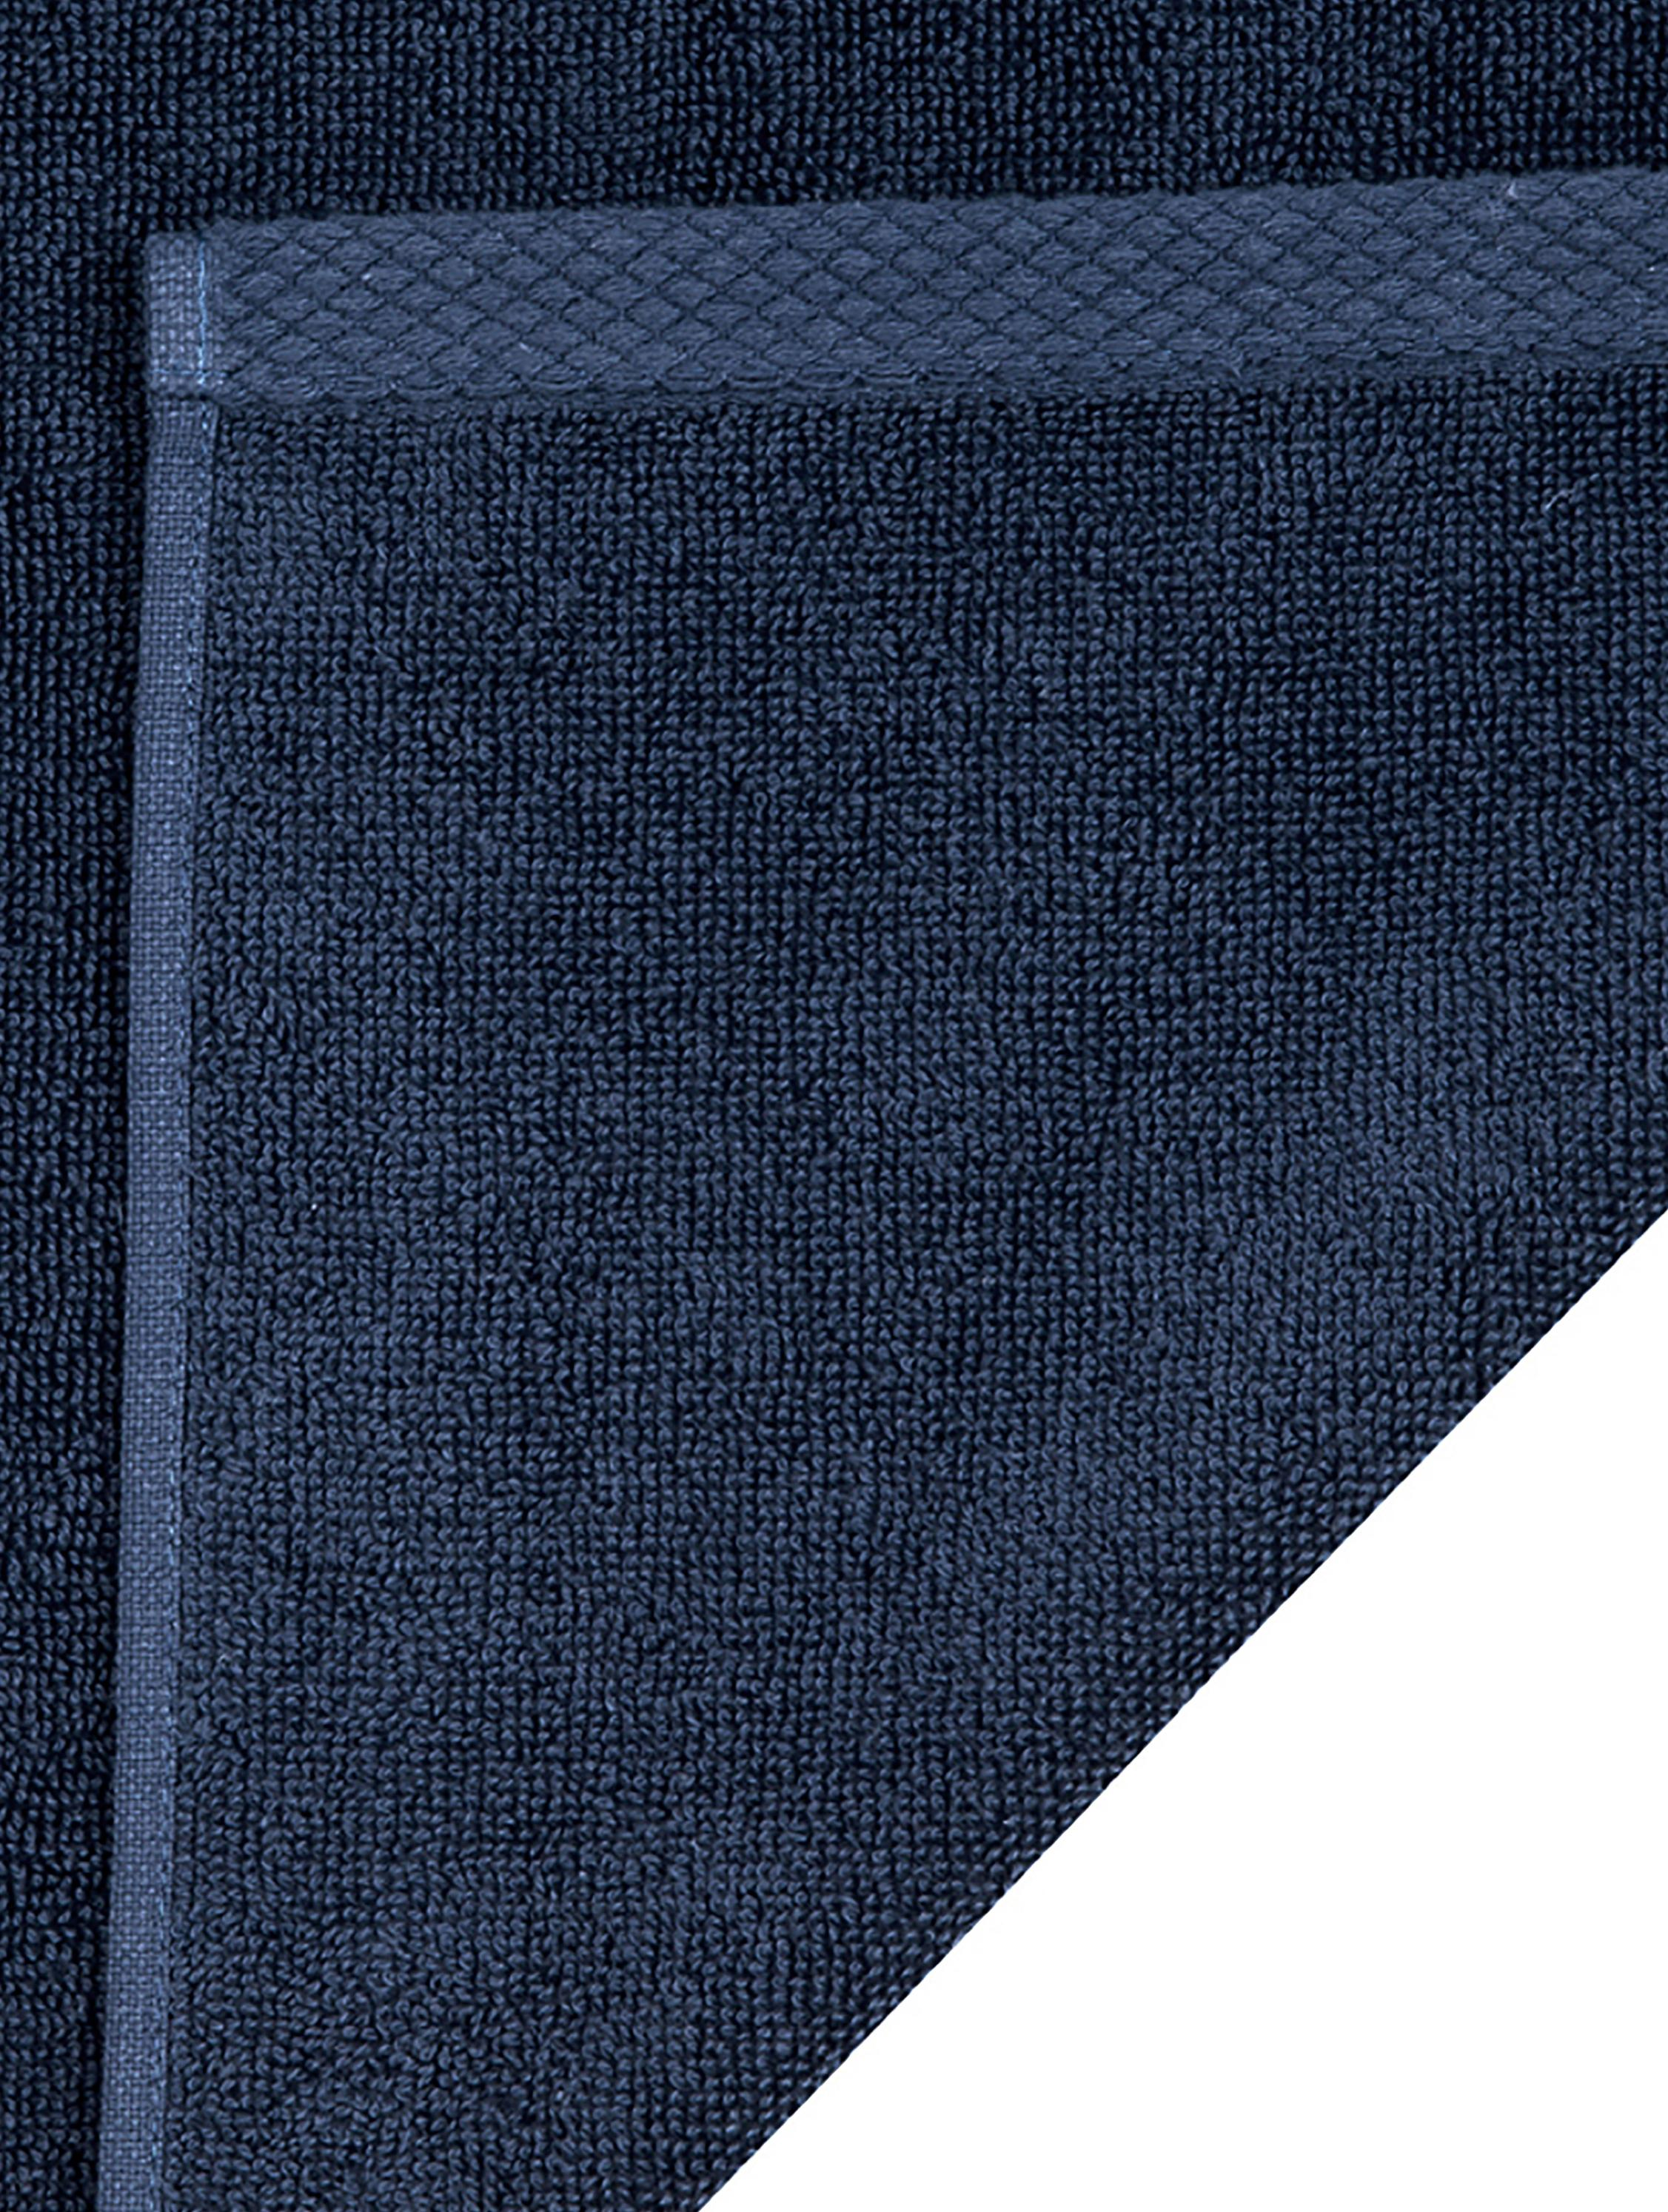 Einfarbiges Handtuch-Set Comfort, 3-tlg., Dunkelblau, Sondergrößen